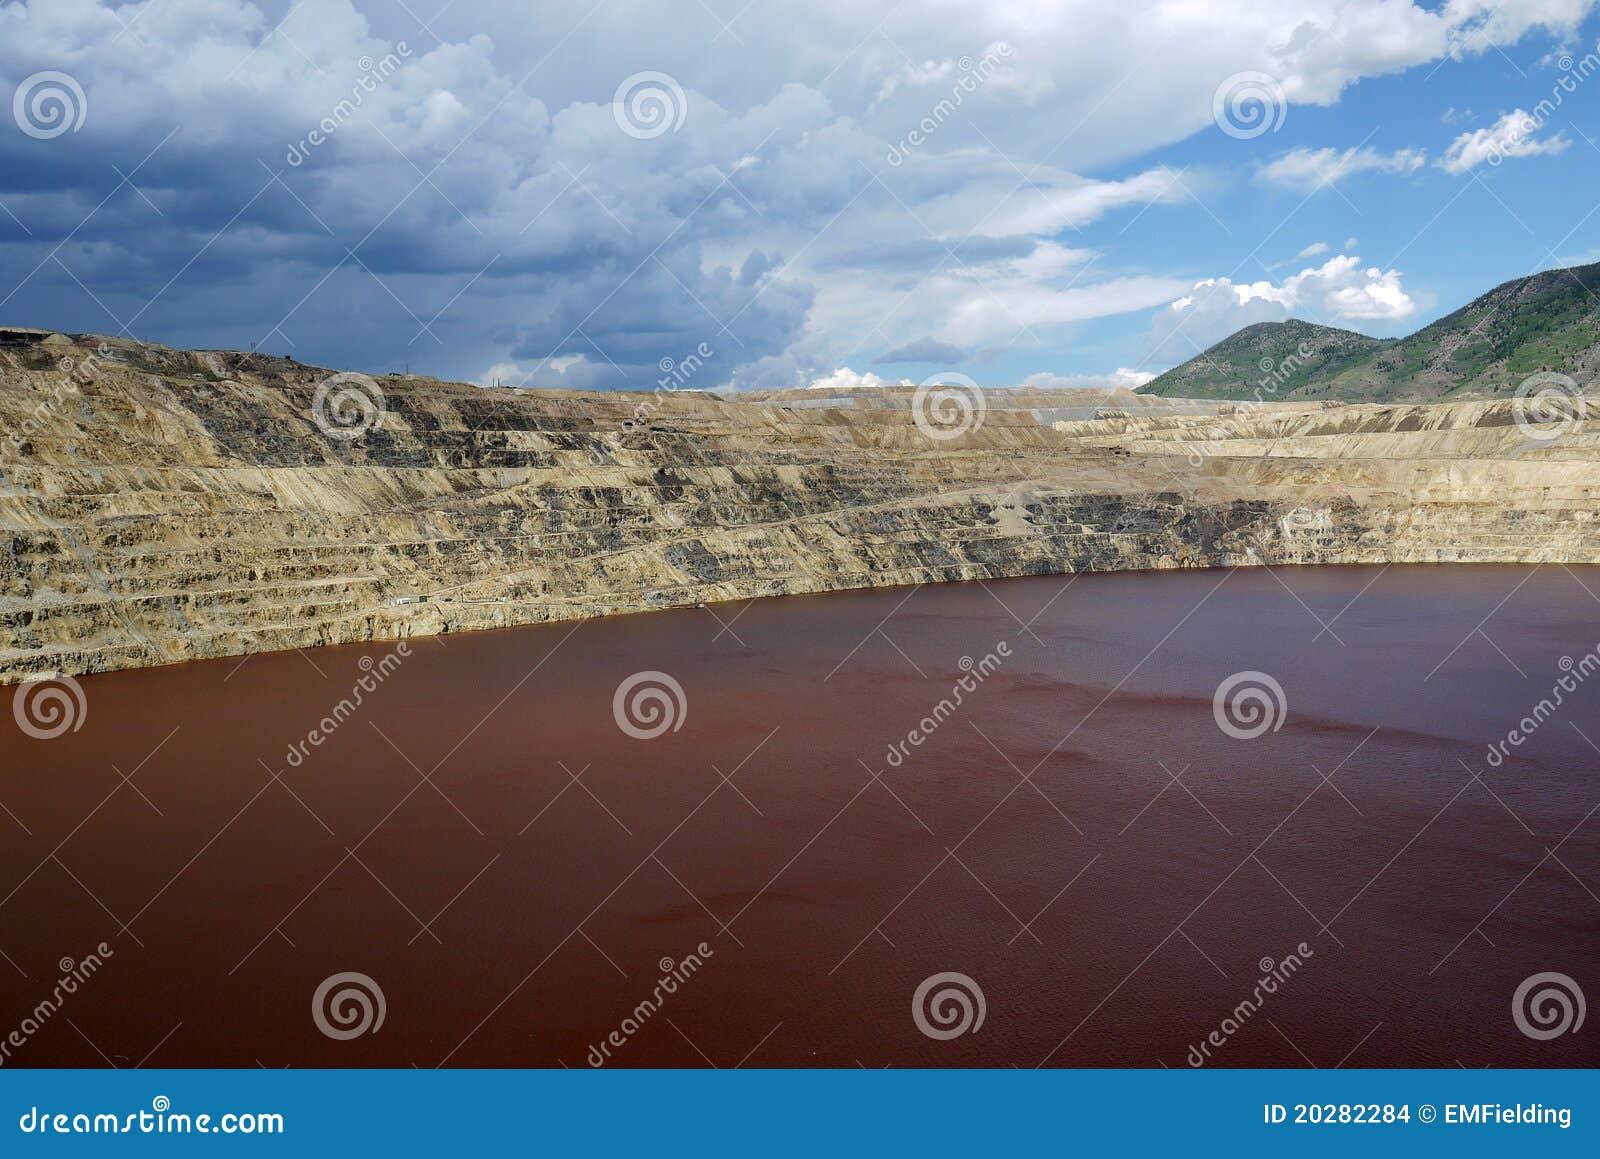 Berkley铜矿露天开采矿